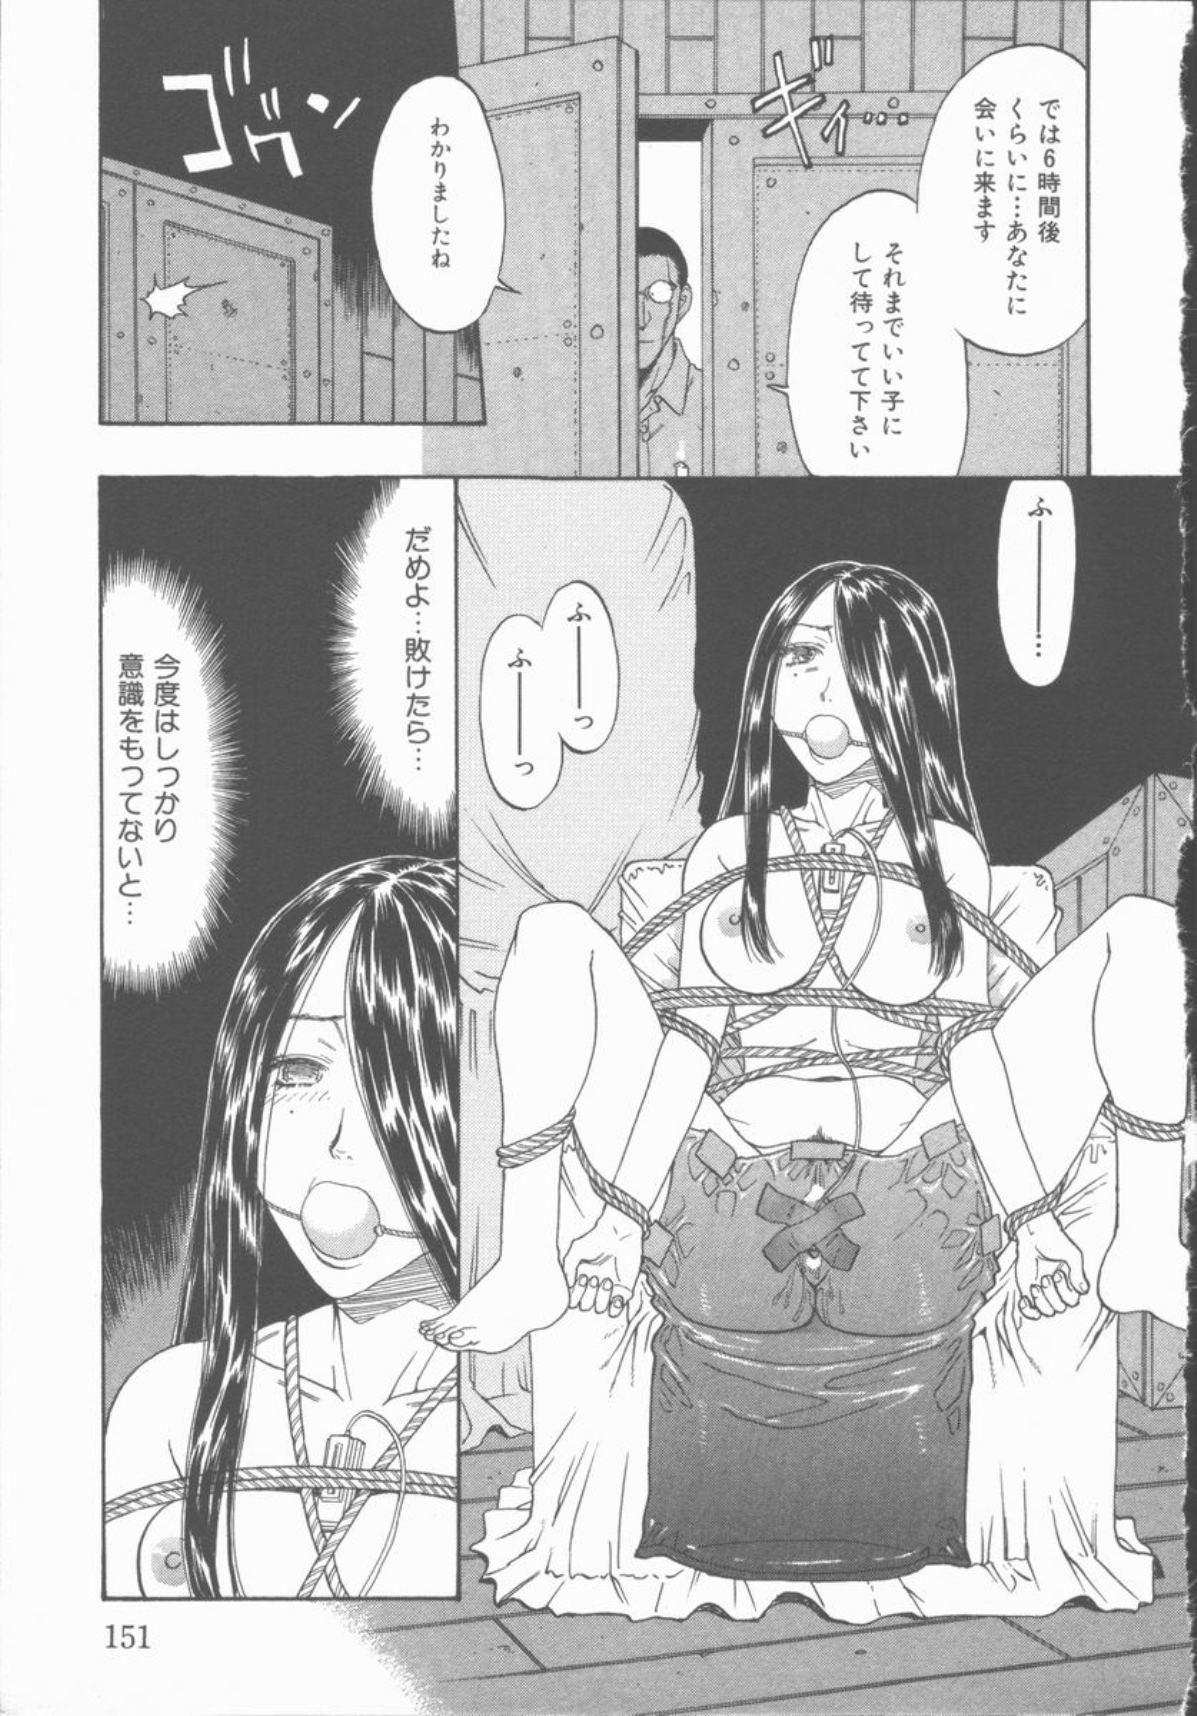 Inma no Sumu Yakata 151